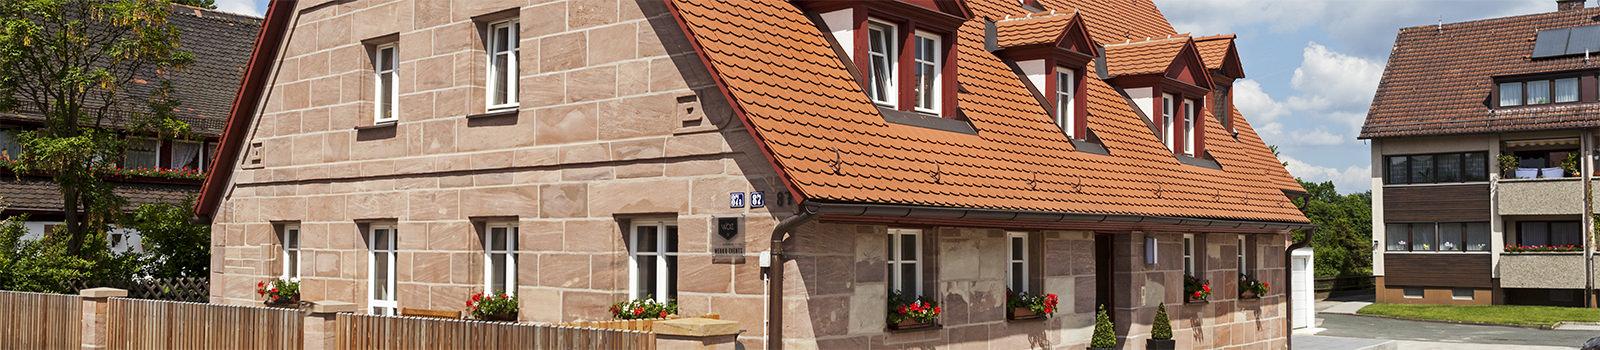 Daten_und_Bau_Immobilien_bspmedia_44